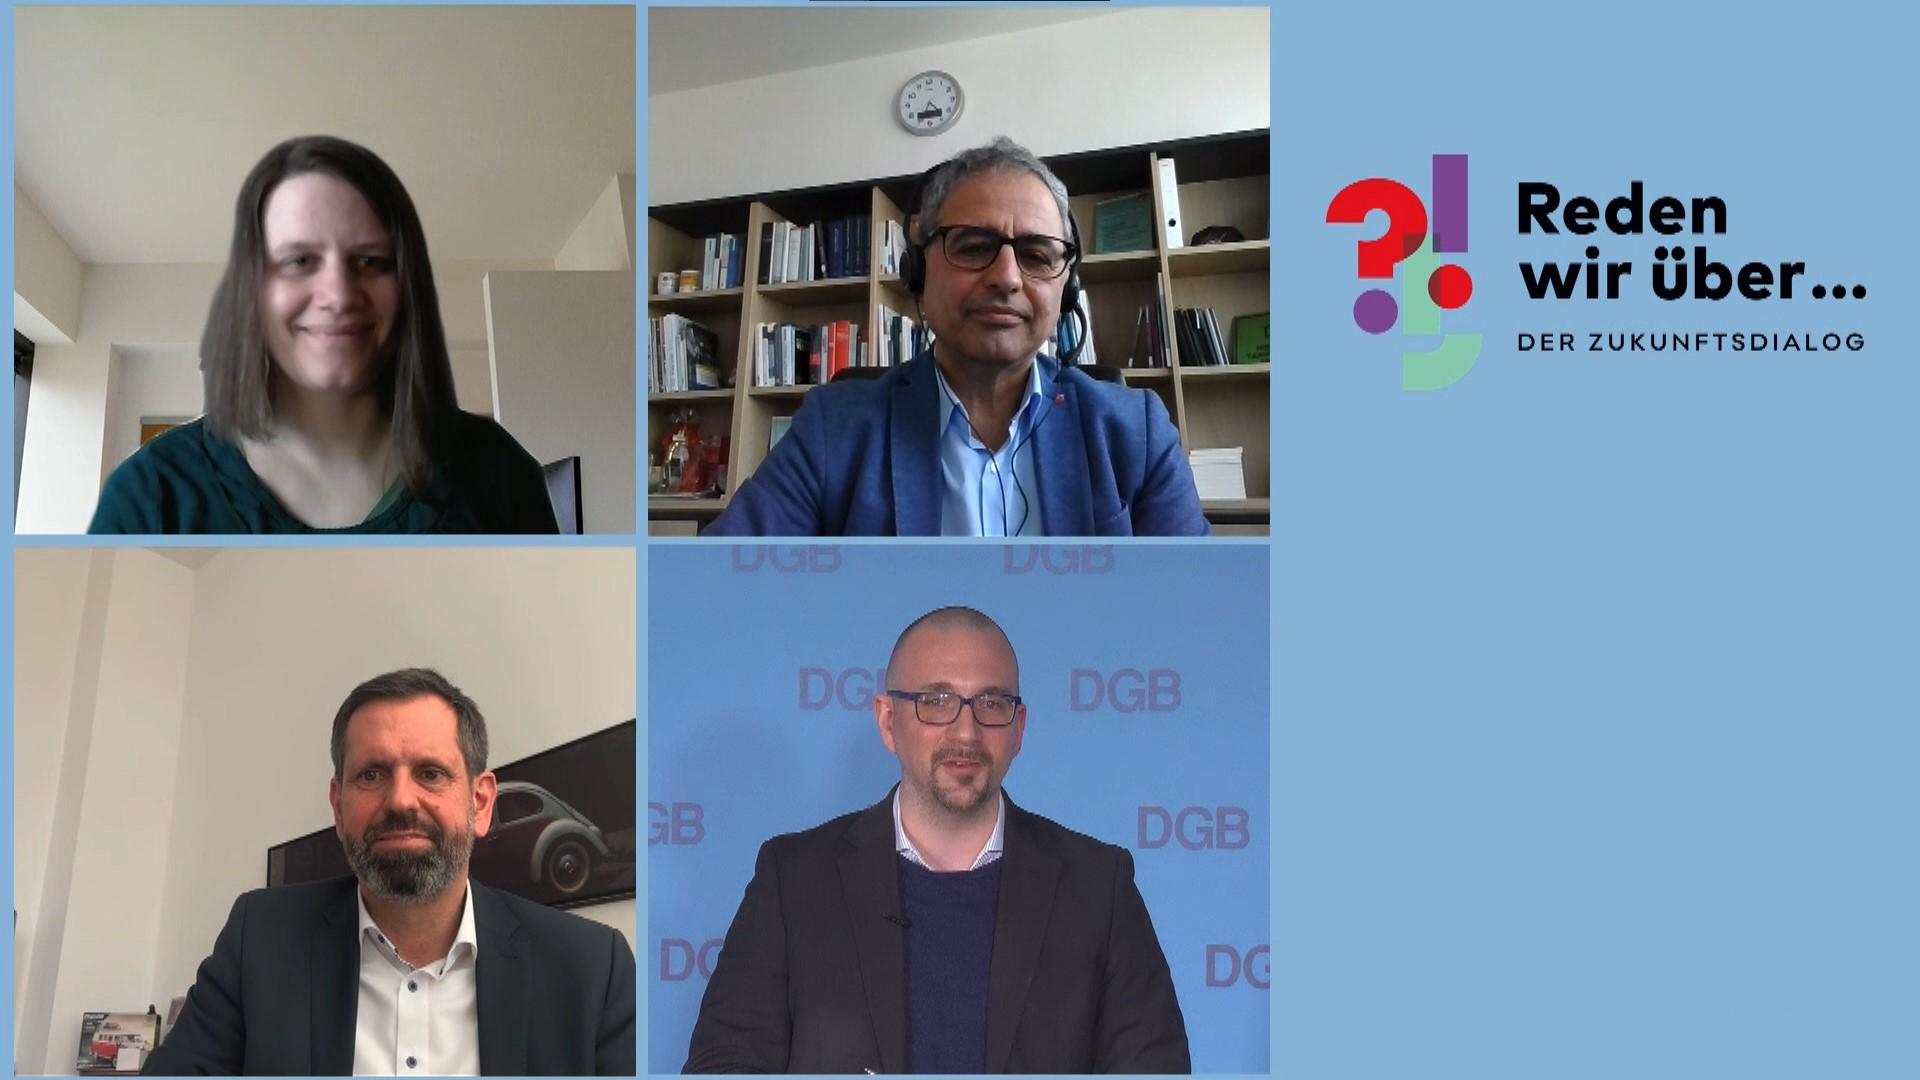 Mehrdad Payandeh, Julia Willie Hamburg und Olaf Lies während Panel-Diskussion zu bezahlbarem Wohnraum in Niedersachsen.